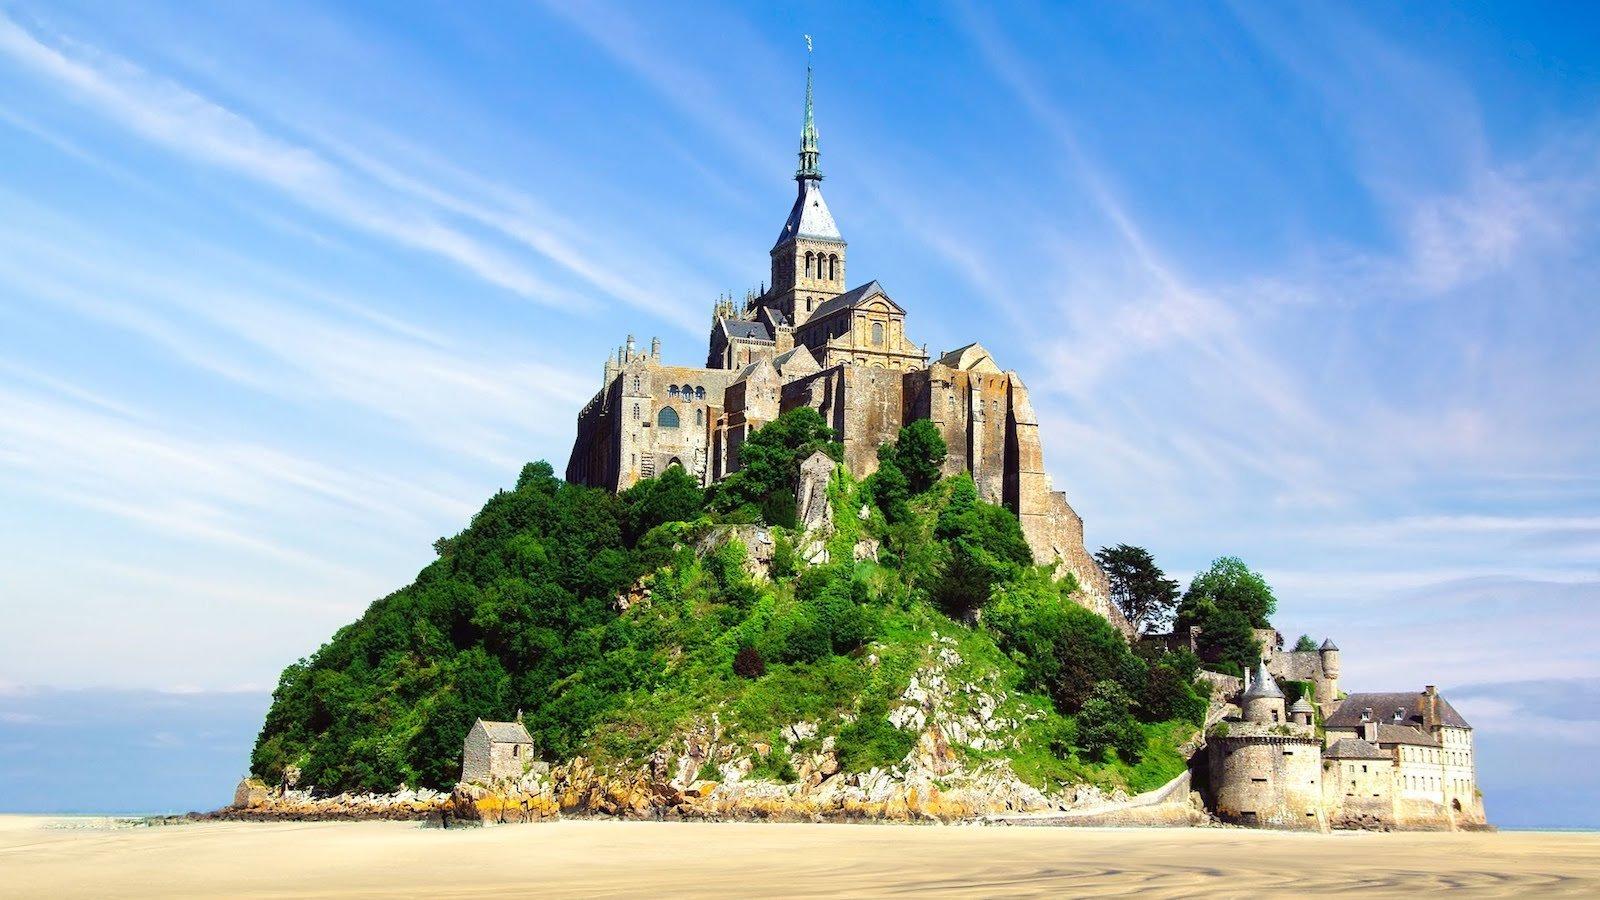 Мон-Сен-Мишель, Франция красивые места, мир, природа, путешествия, сказка